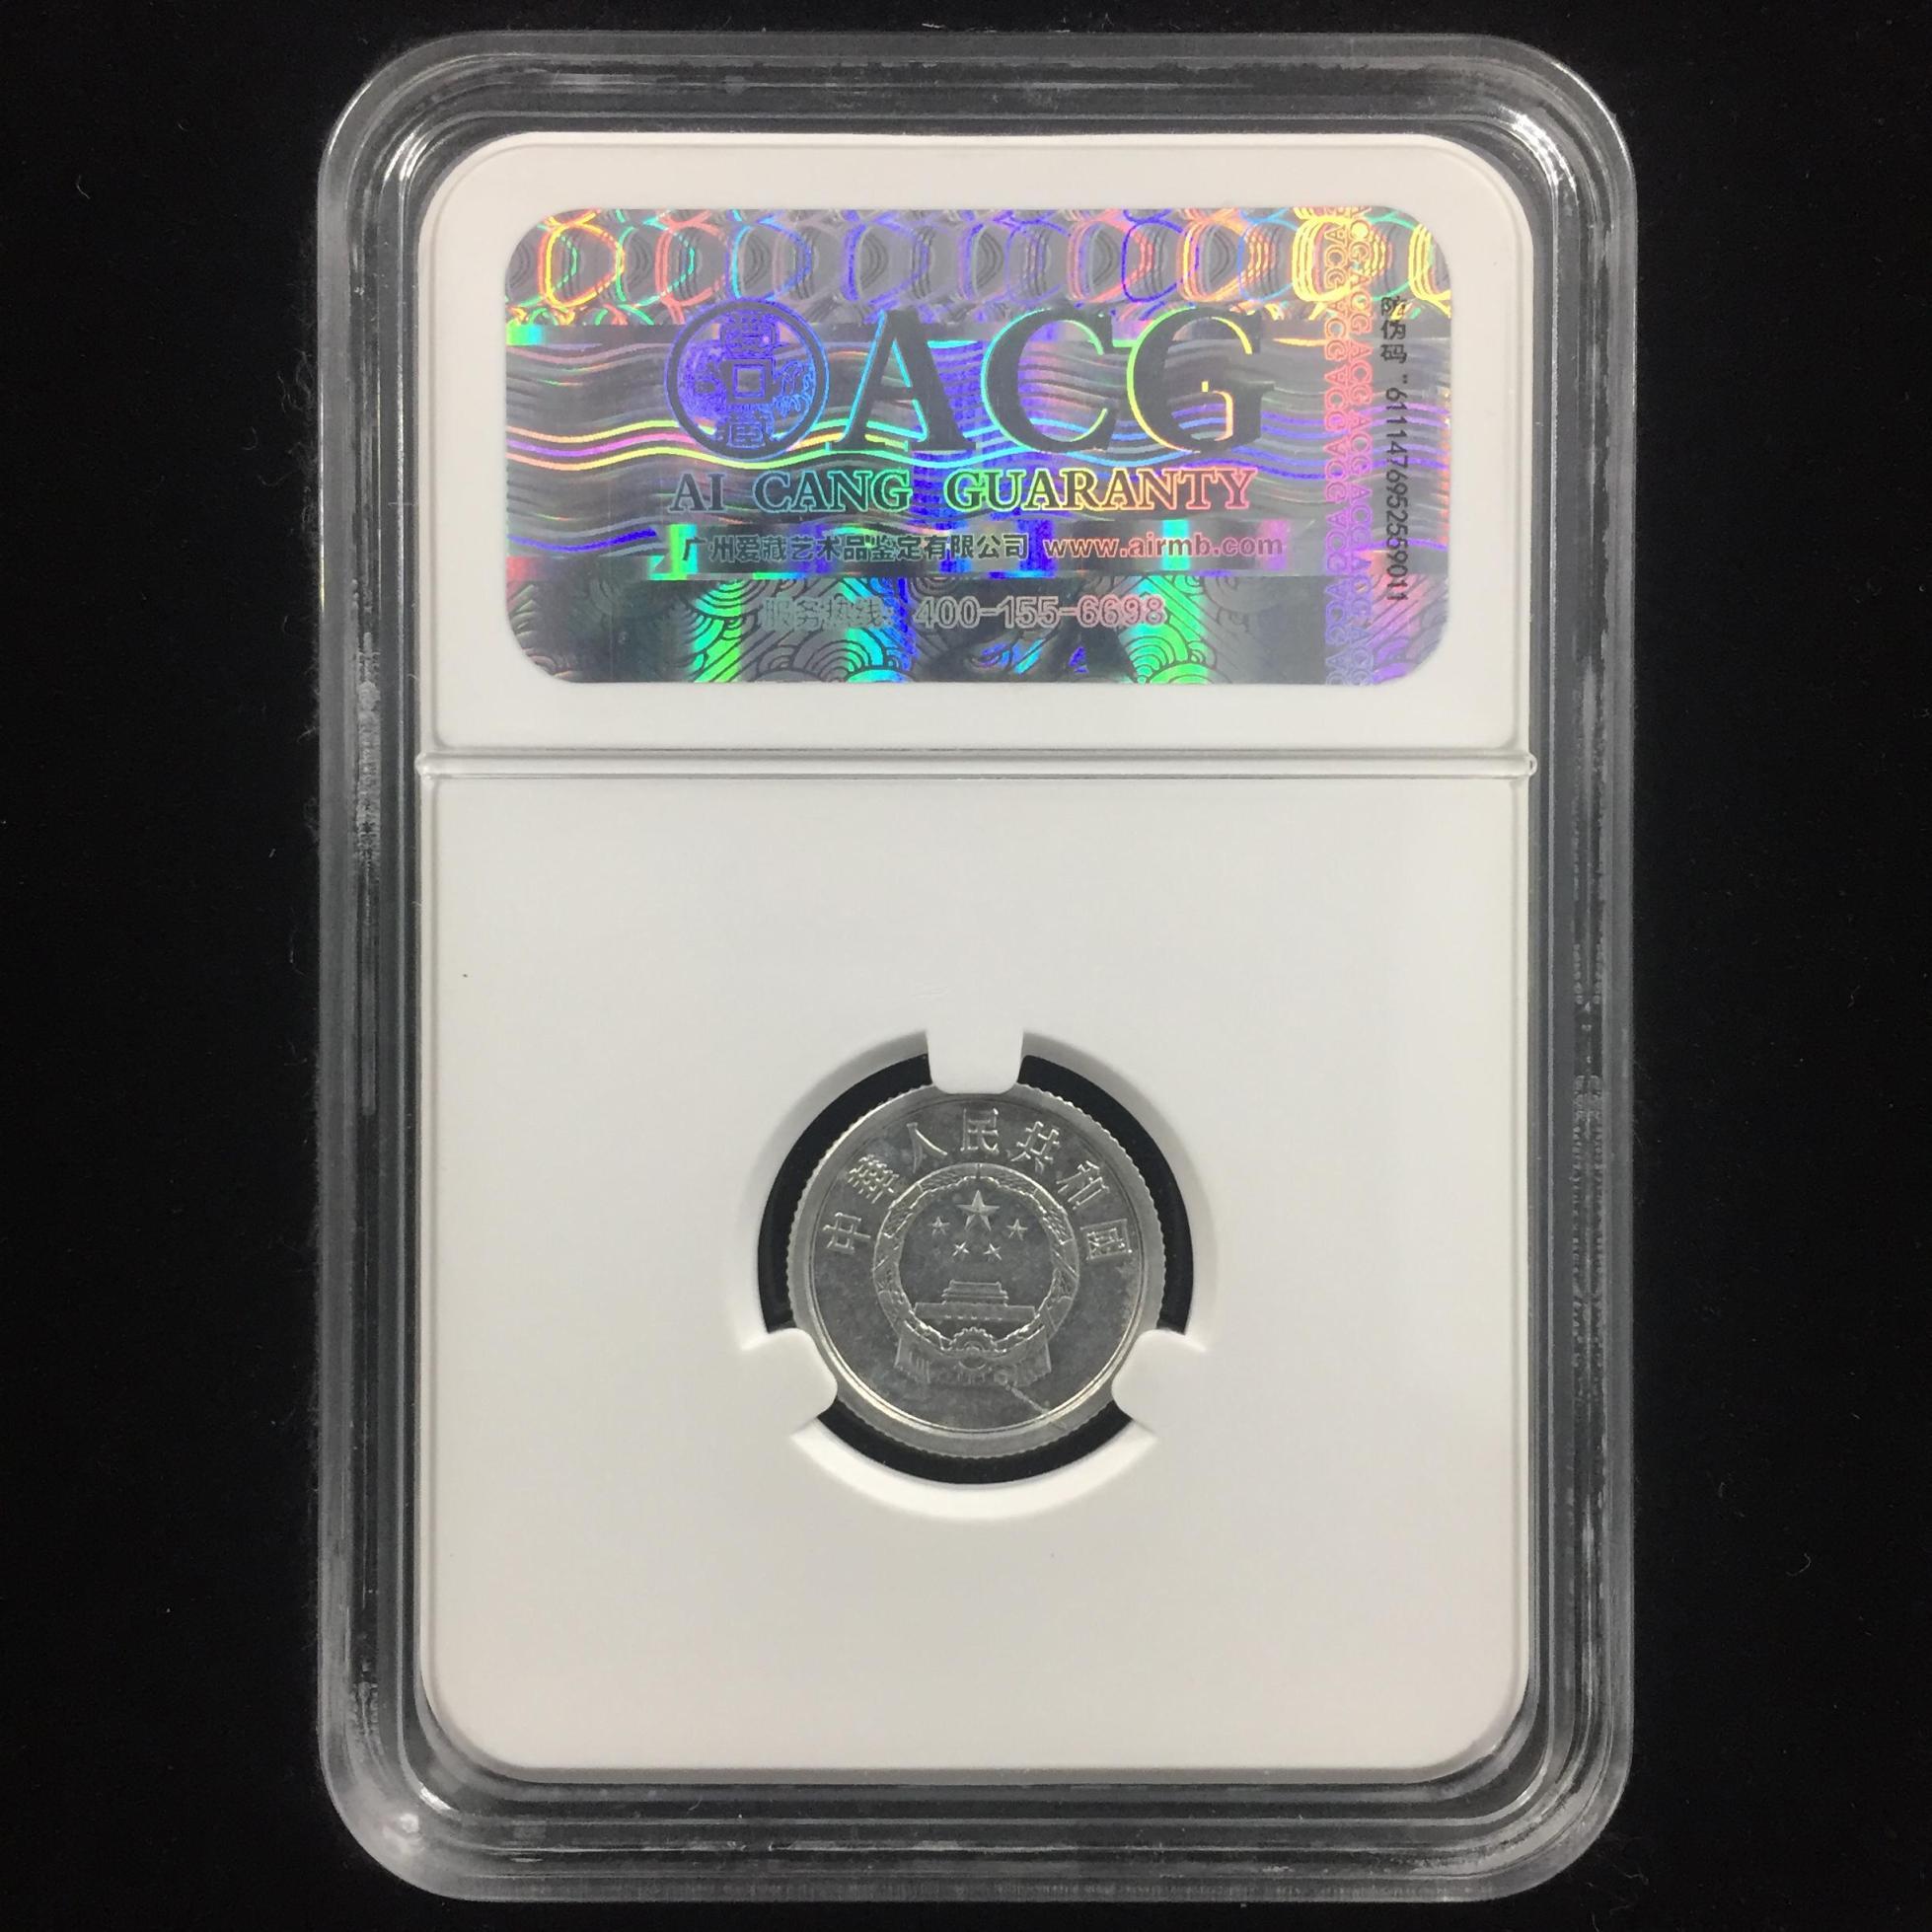 模裂币→1982年1分硬币→ACG鉴定证书-10757296